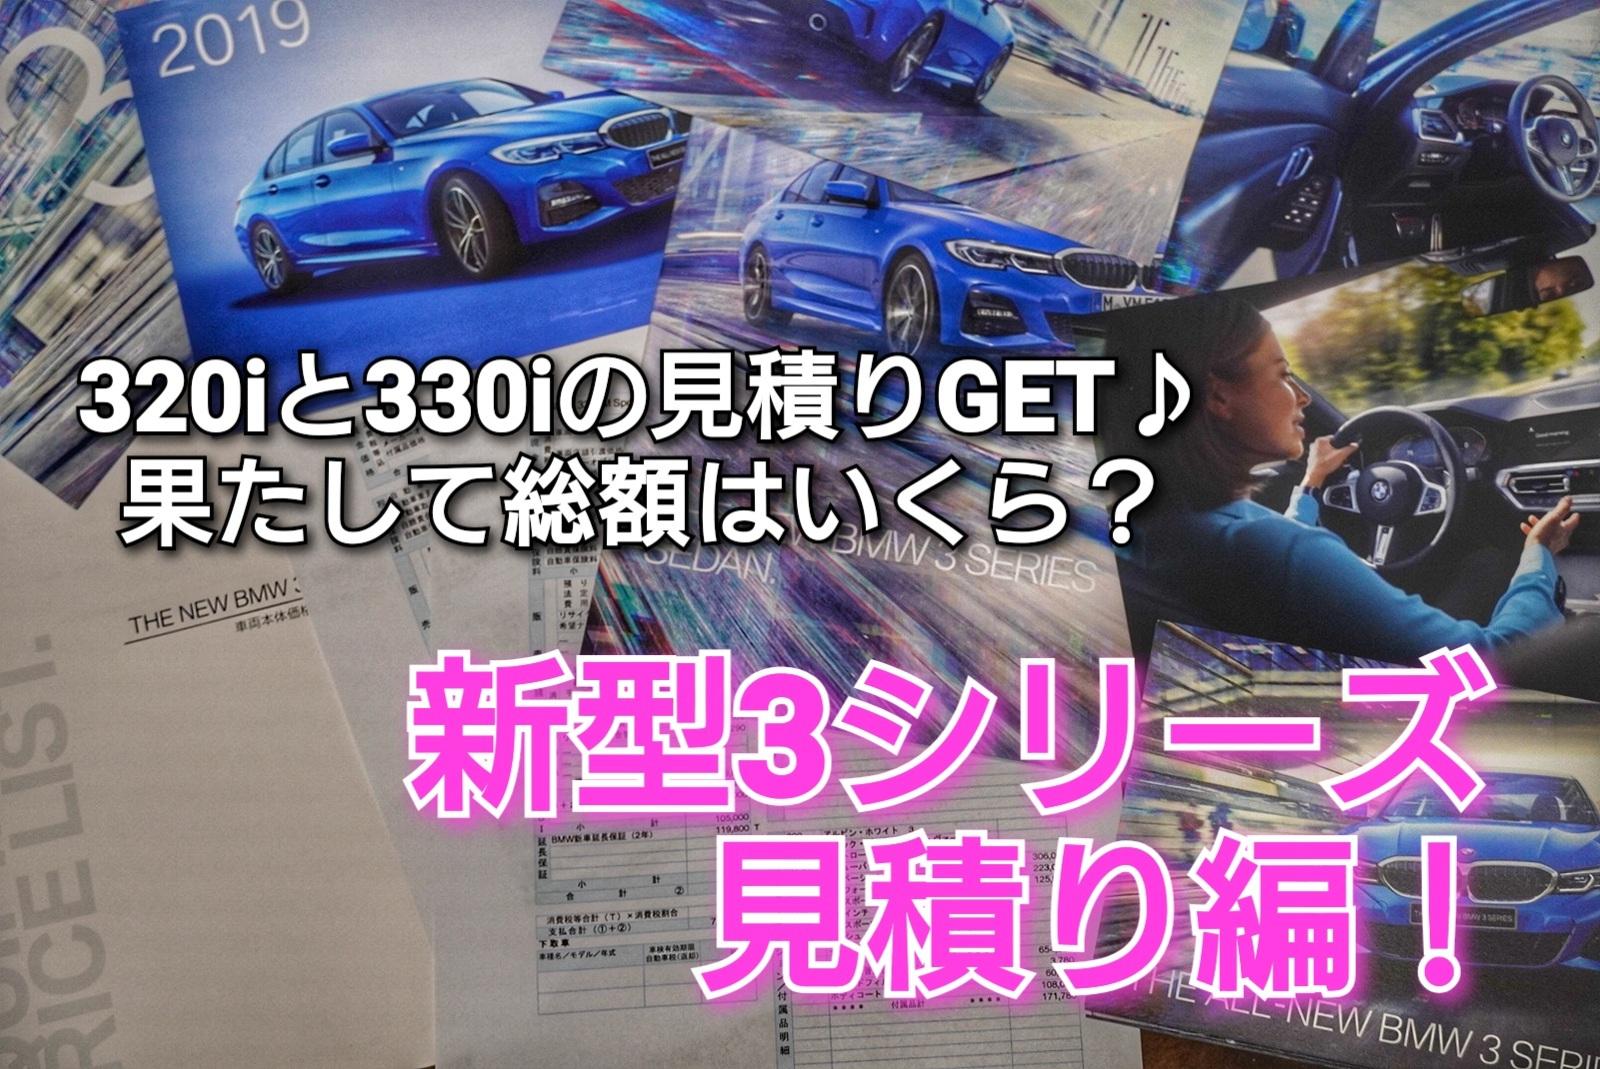 【最新版】価格はどうか?見積もり編!新型3シリーズインプレッション!